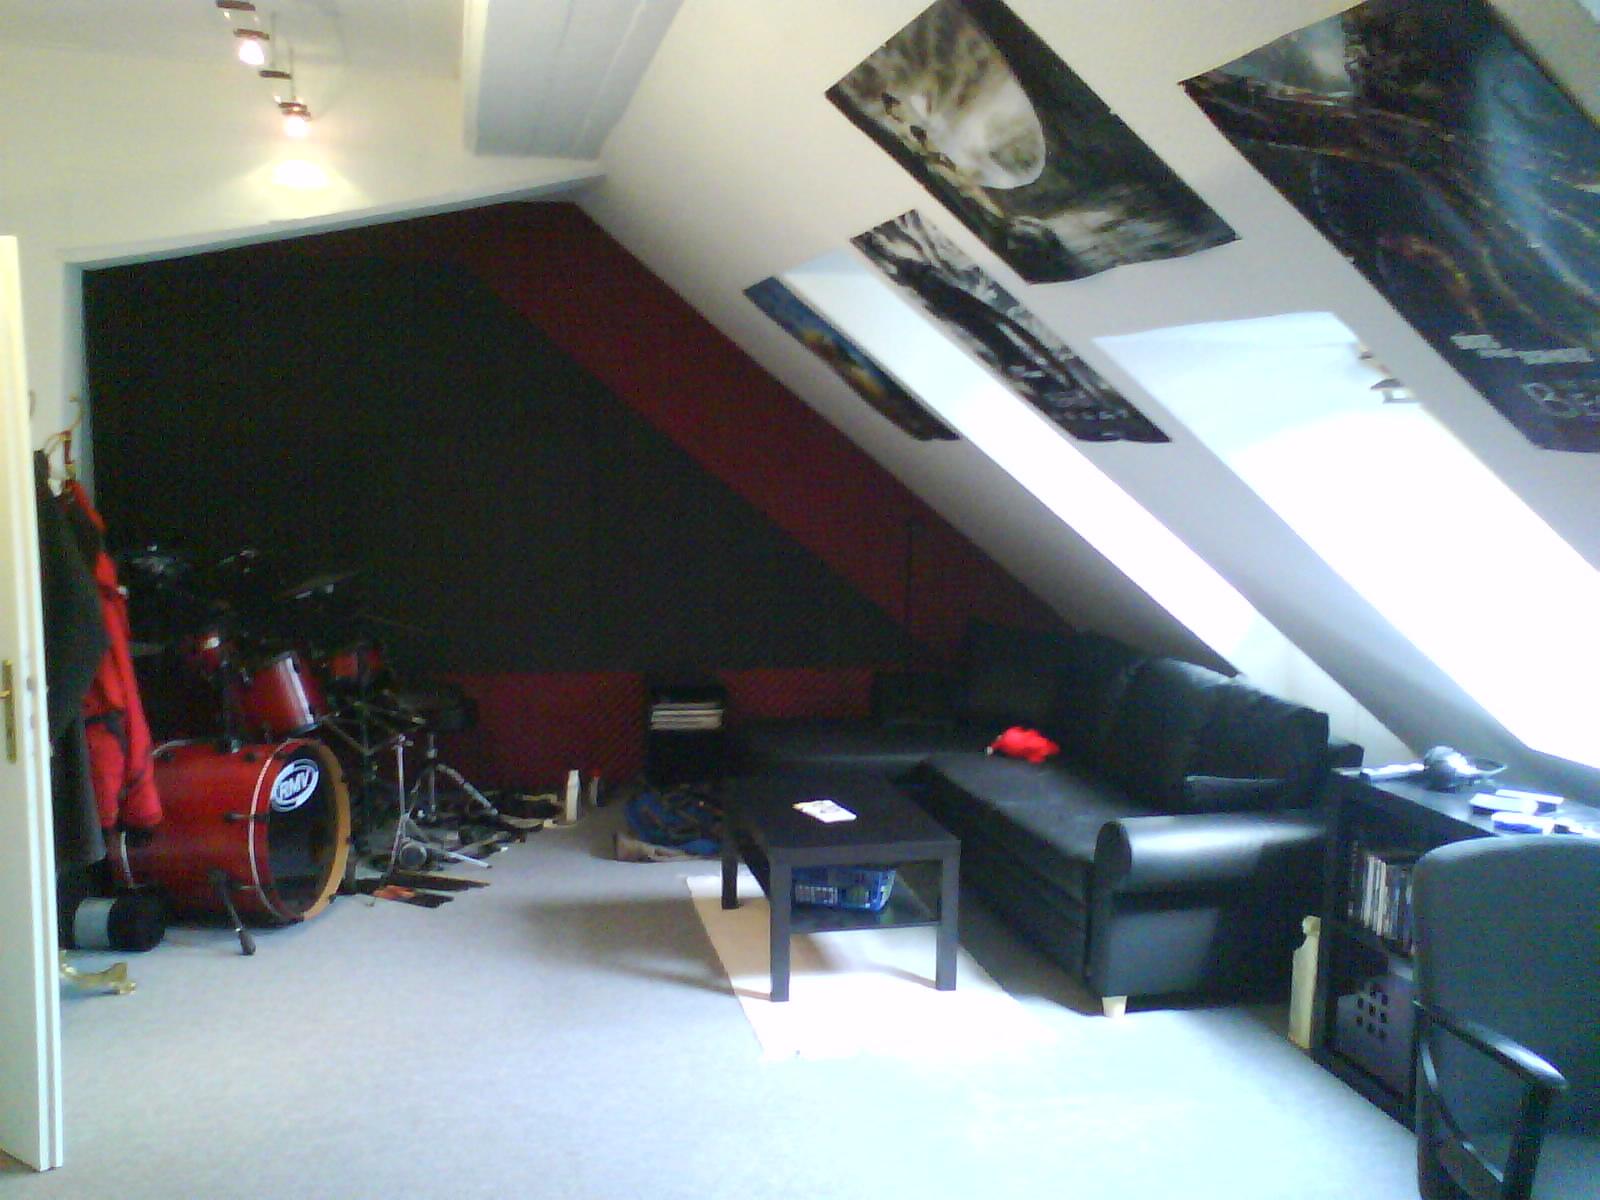 pimp my room oder nanovarium und schallschutz to extreme 8 mb bilder drummergalerie. Black Bedroom Furniture Sets. Home Design Ideas